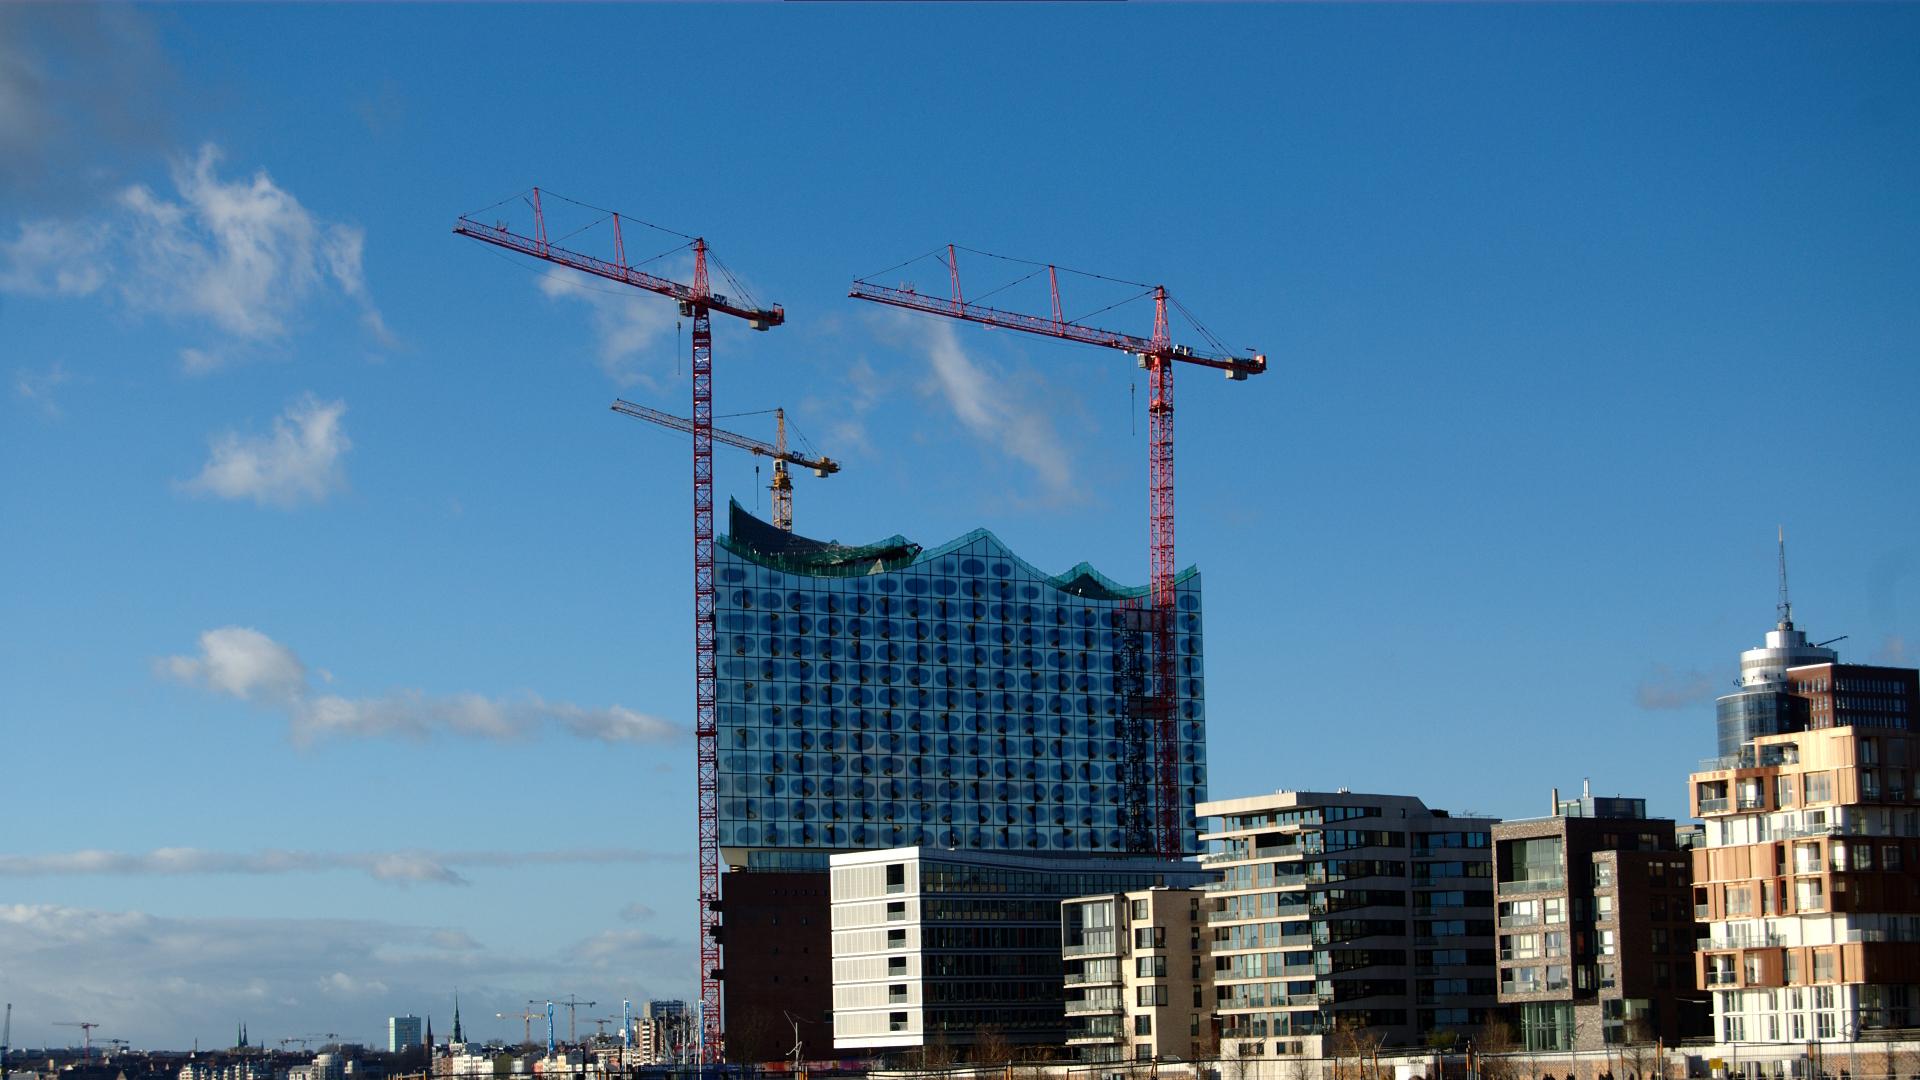 Die nicht mehr peinlichste Baustelle deutschlands...